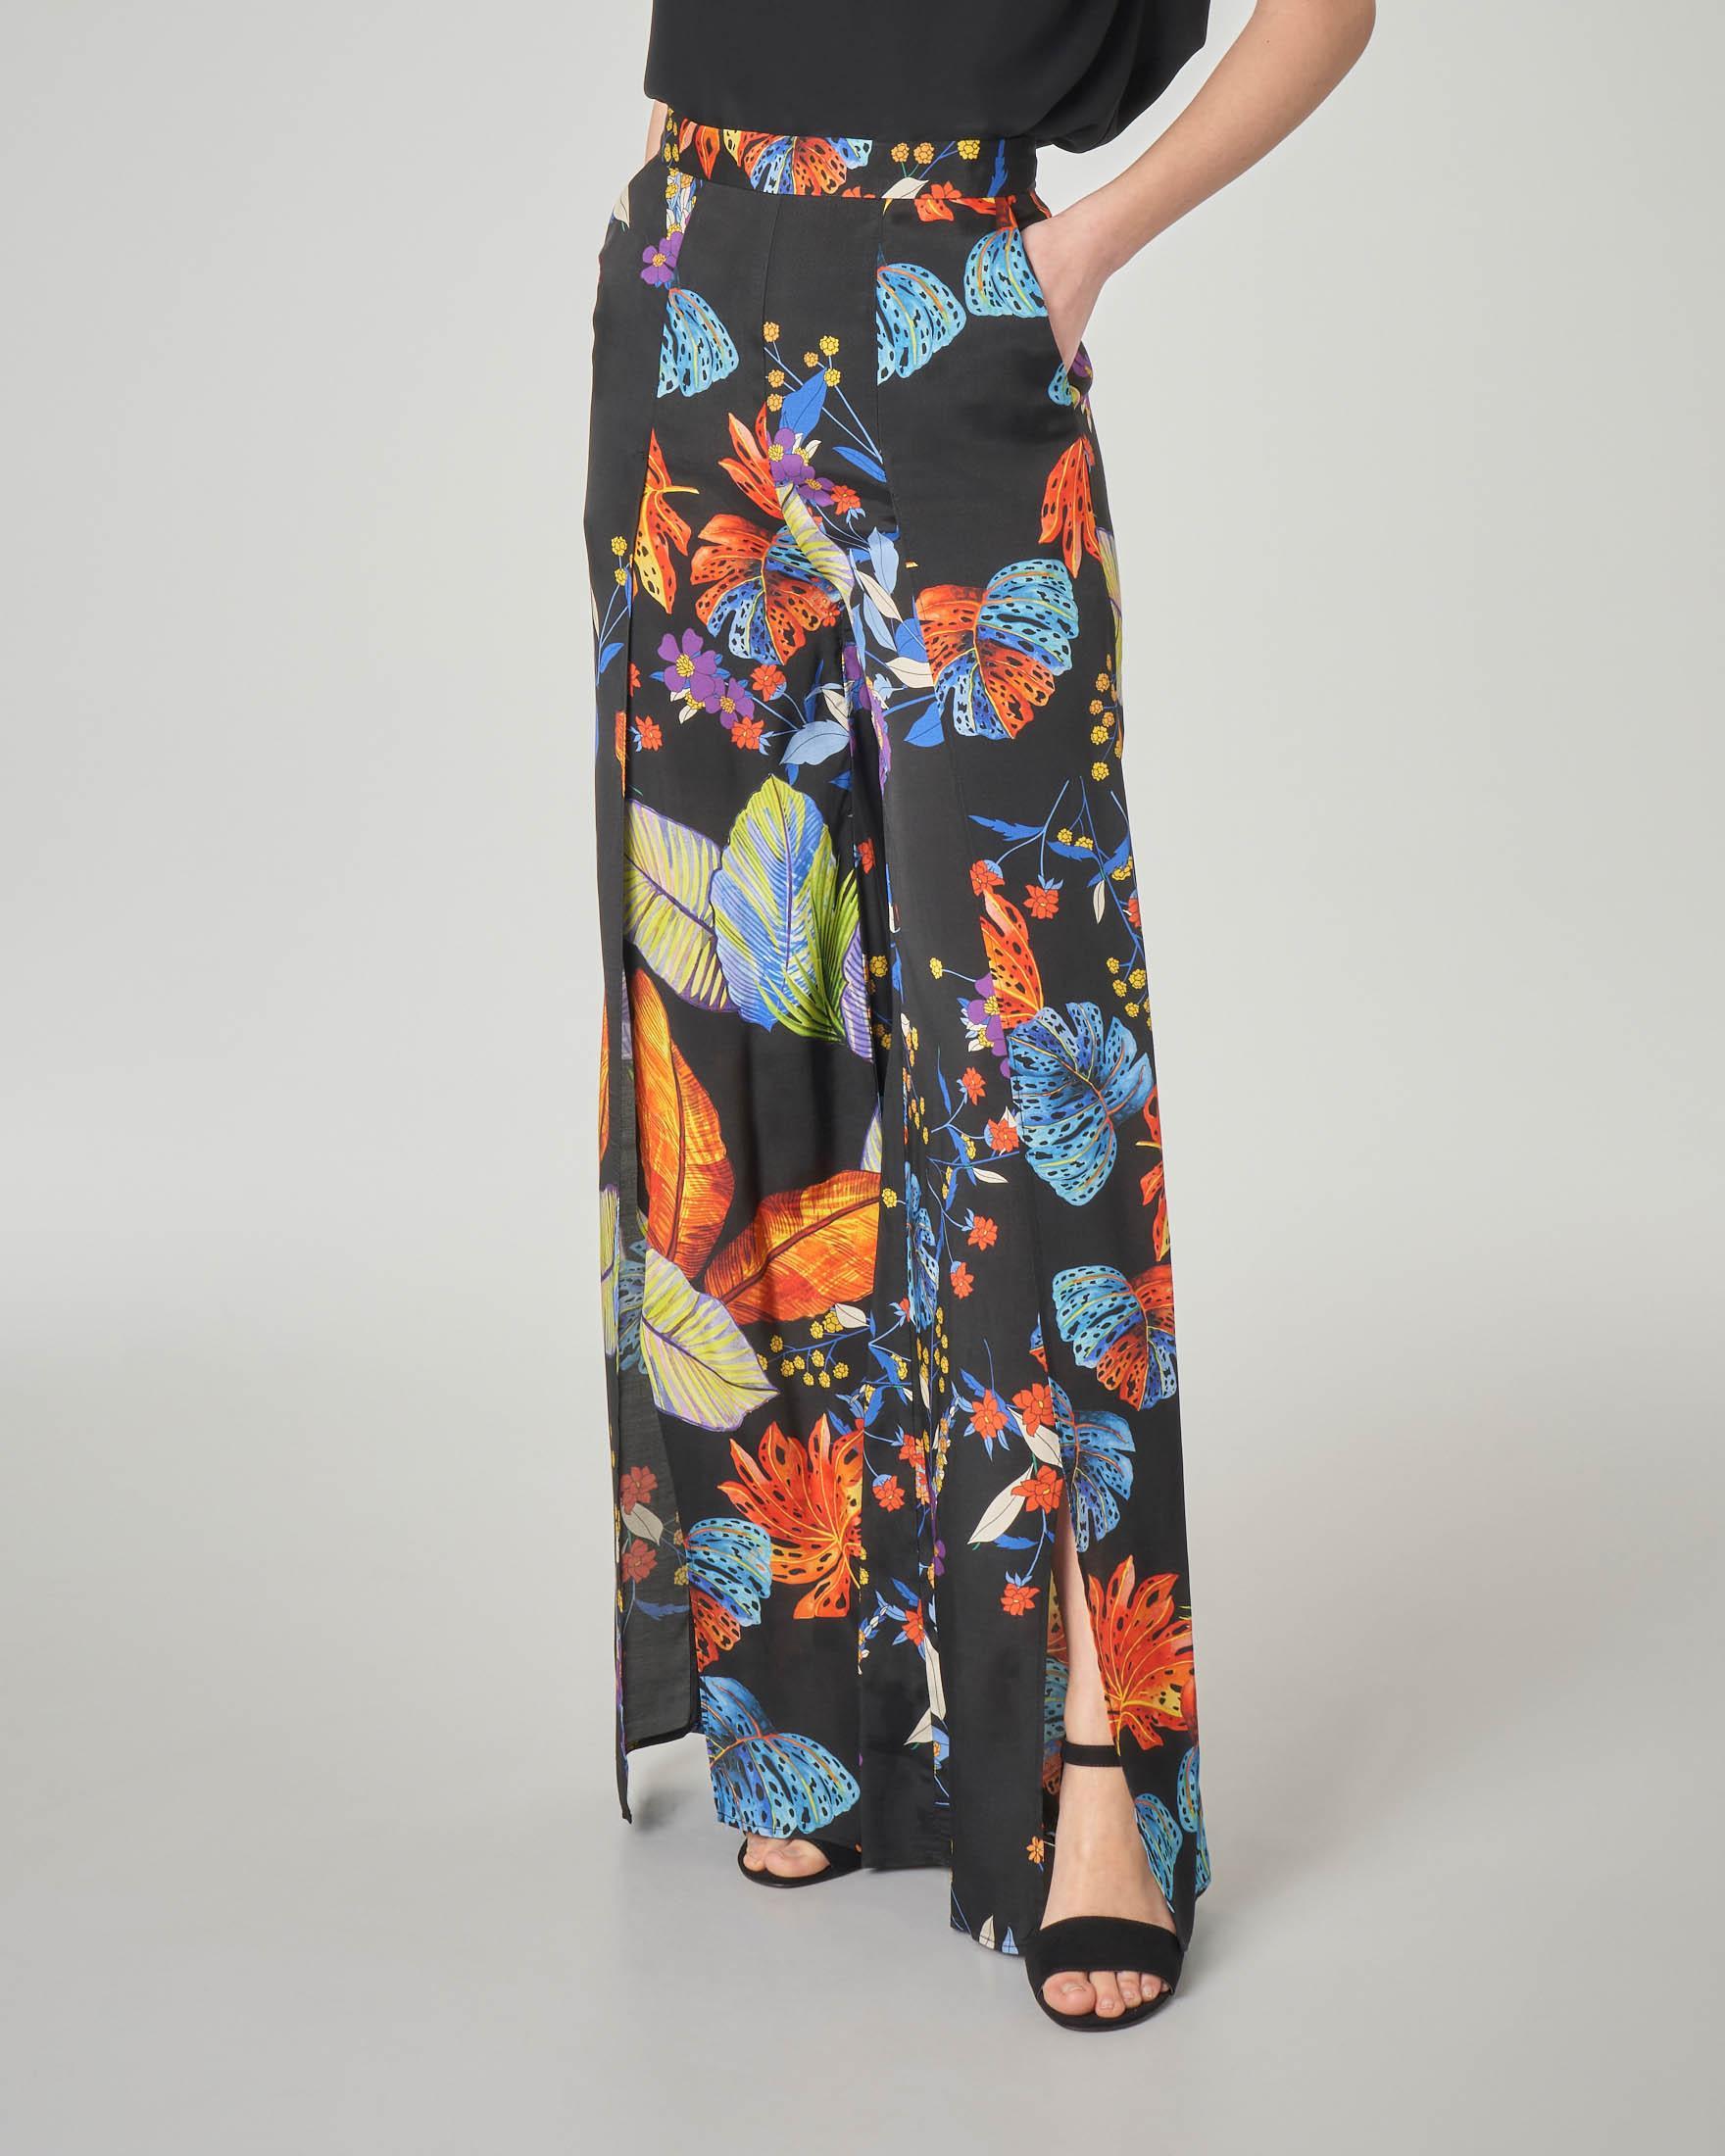 Pantalone palazzo nero in viscosa a fantasia floreale con spacchi laterali